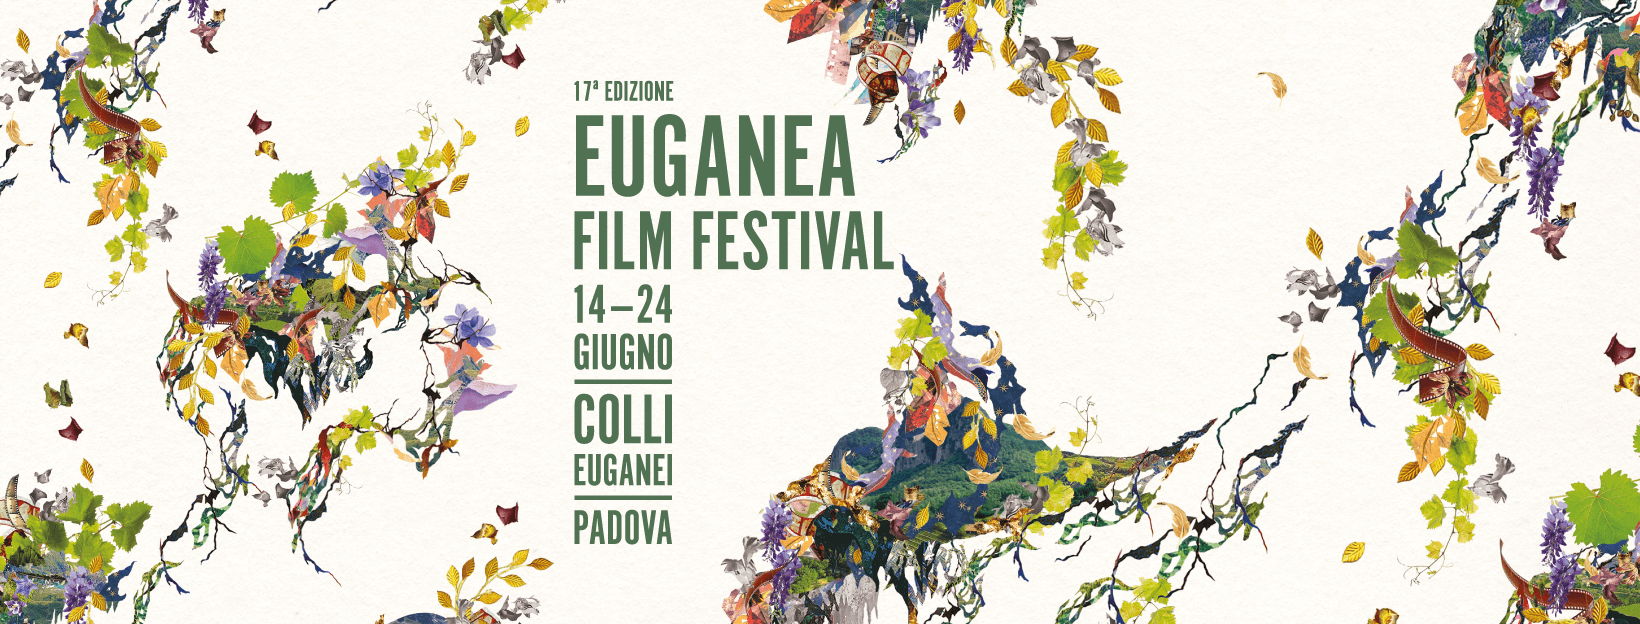 EUGANEA FILM FESTIVAL 2018